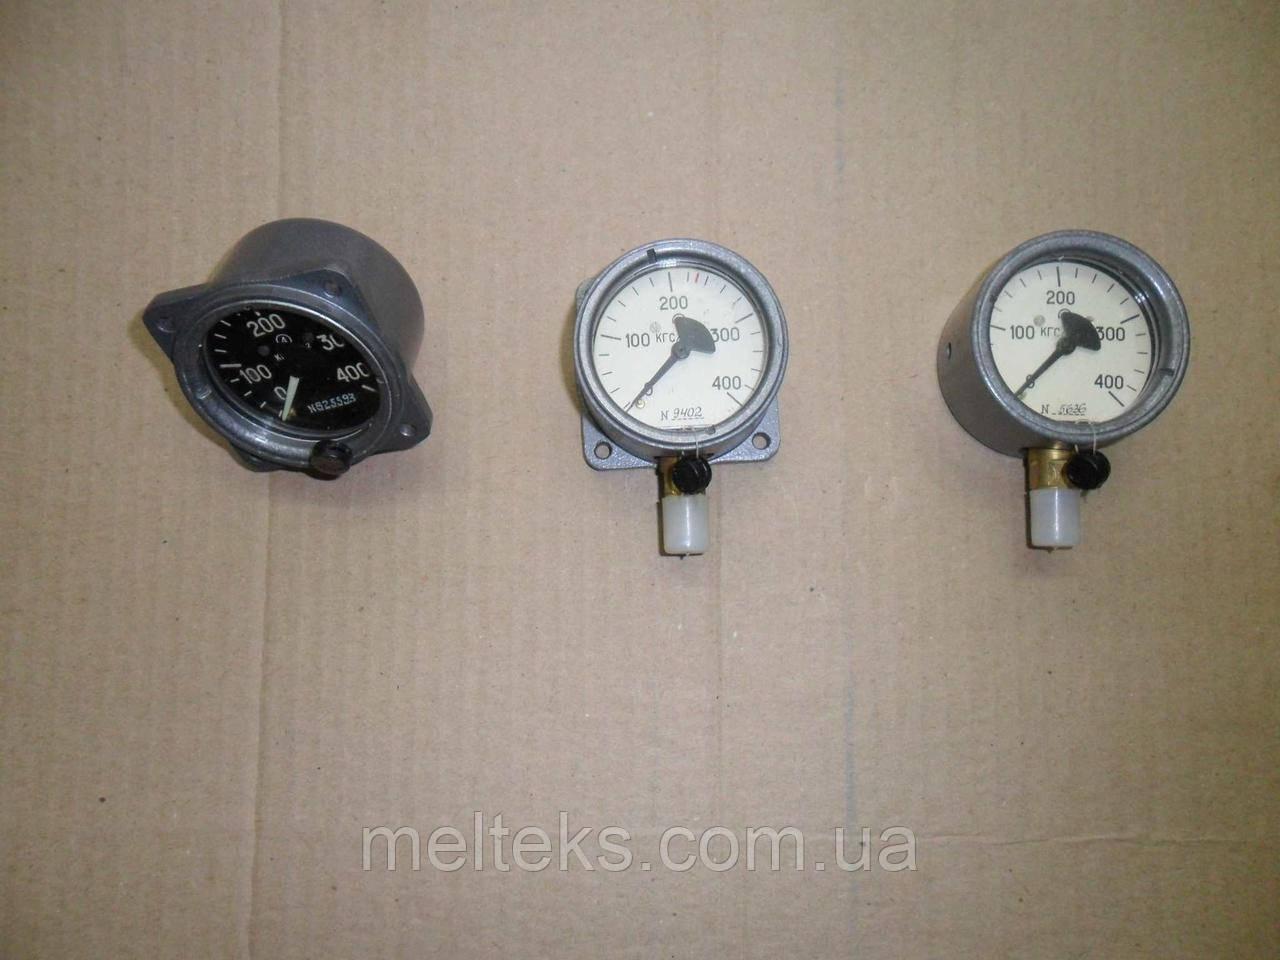 Манометры МТМ-1, МТМ-2, МТМ-3 пылебрызгозащищенные